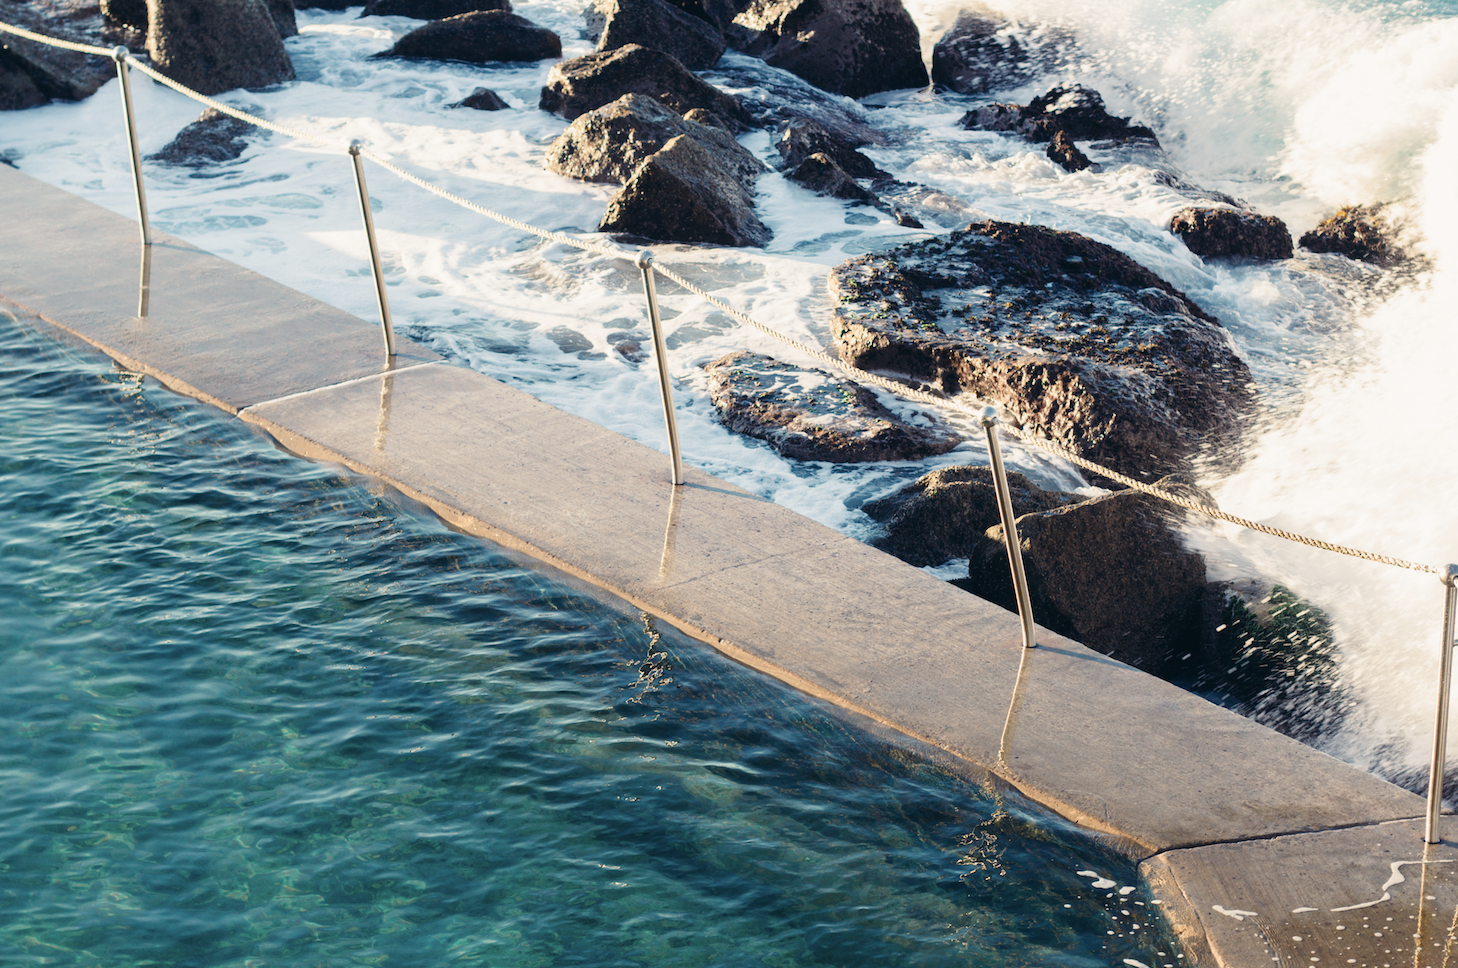 Quanh bể bơi đều được gia cố bằng nhiều lớp hàng rào để đảm bảo cá mập không thể qua được.